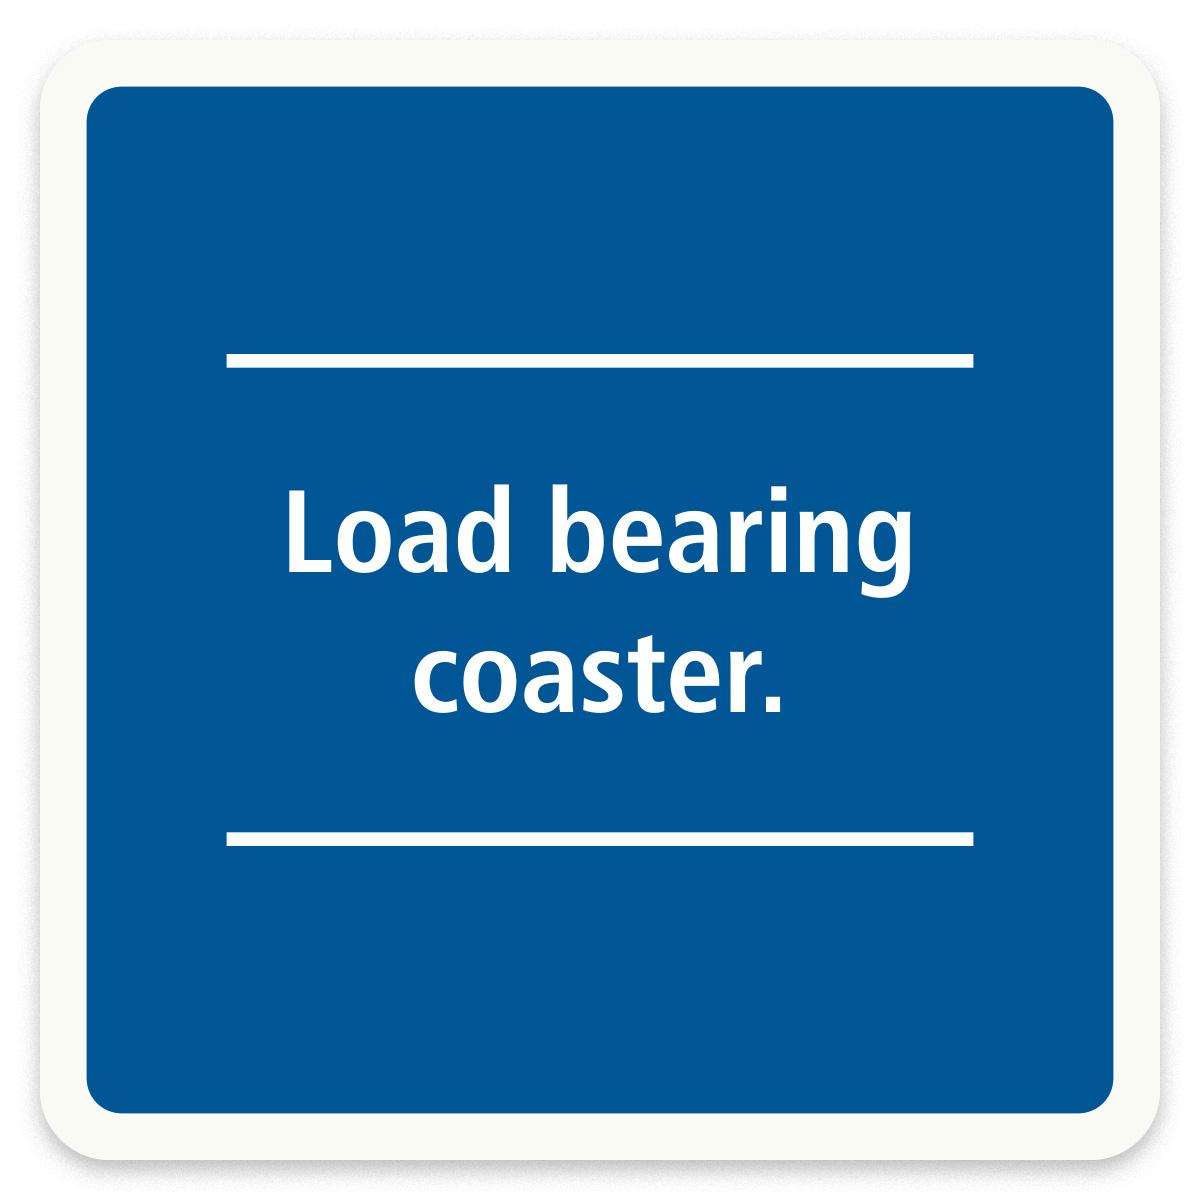 BT_Coaster3.jpg